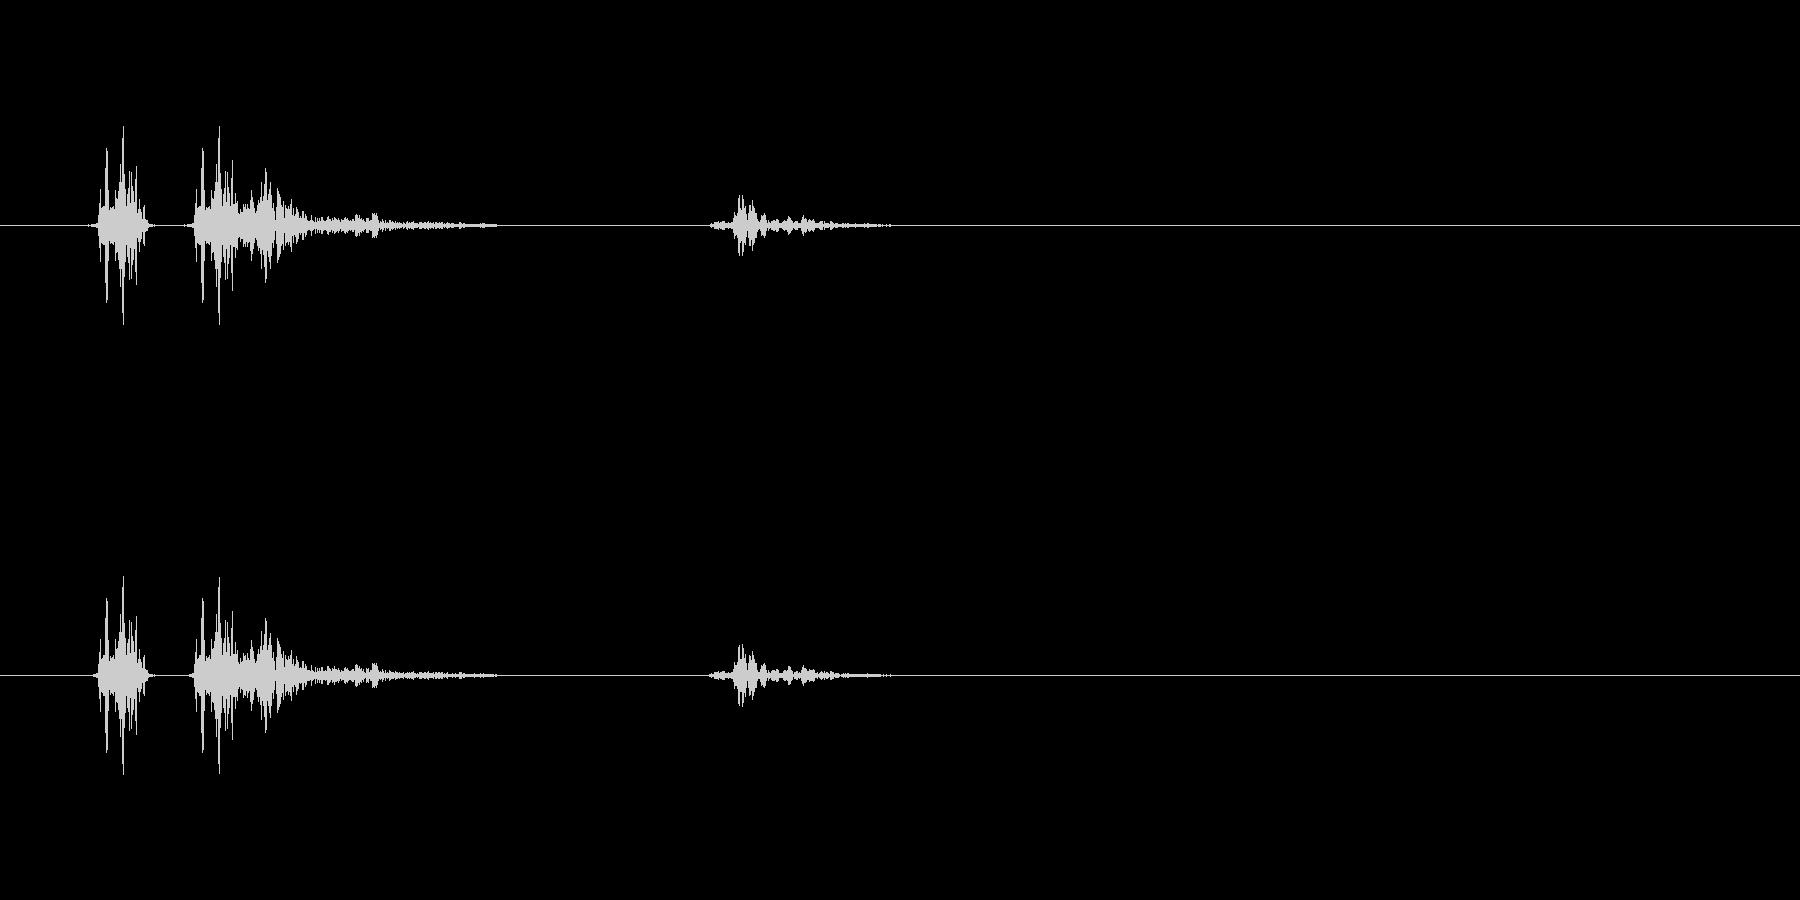 エンターキーを押す音です。「カチャッ」の未再生の波形